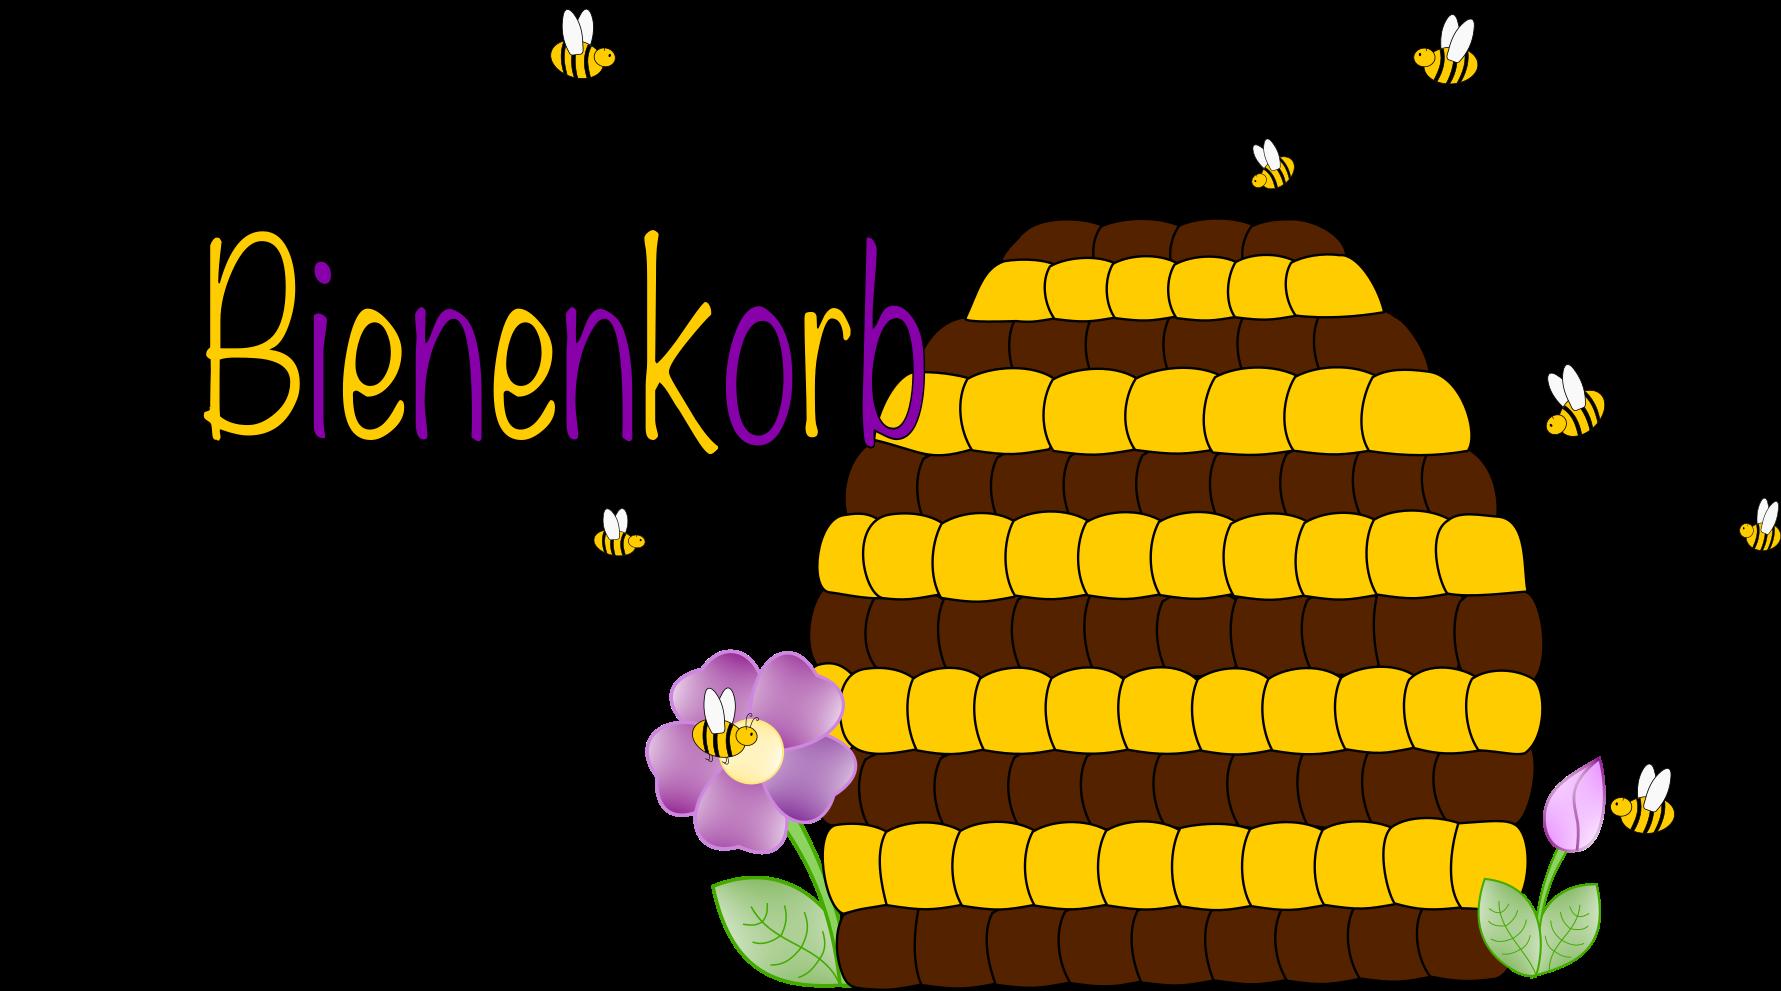 bienenkorb-nordhorn.de